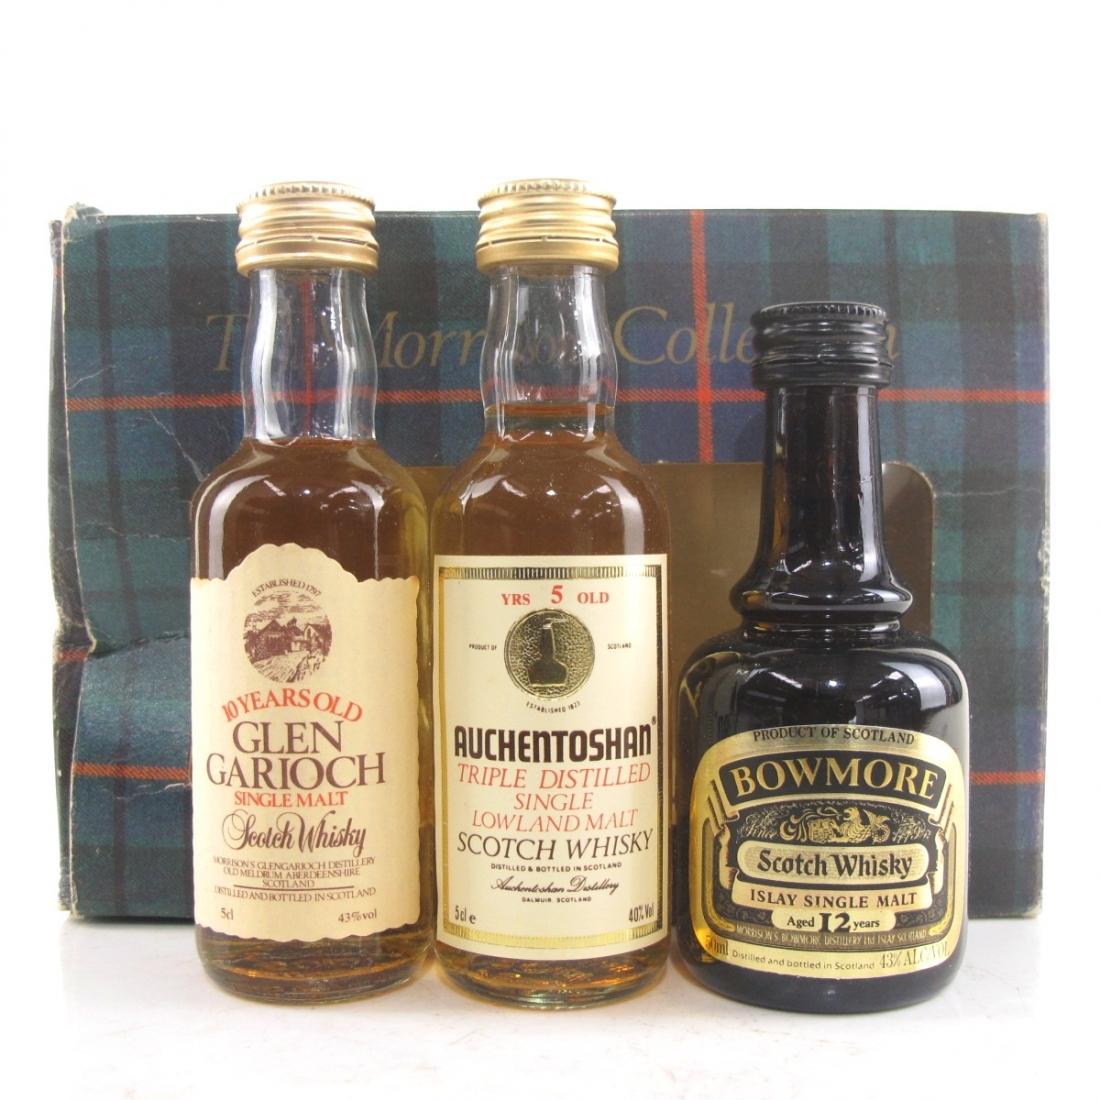 Morrison Collection 3x5cl / Auchentoshan, Bowmore & Glen Garioch